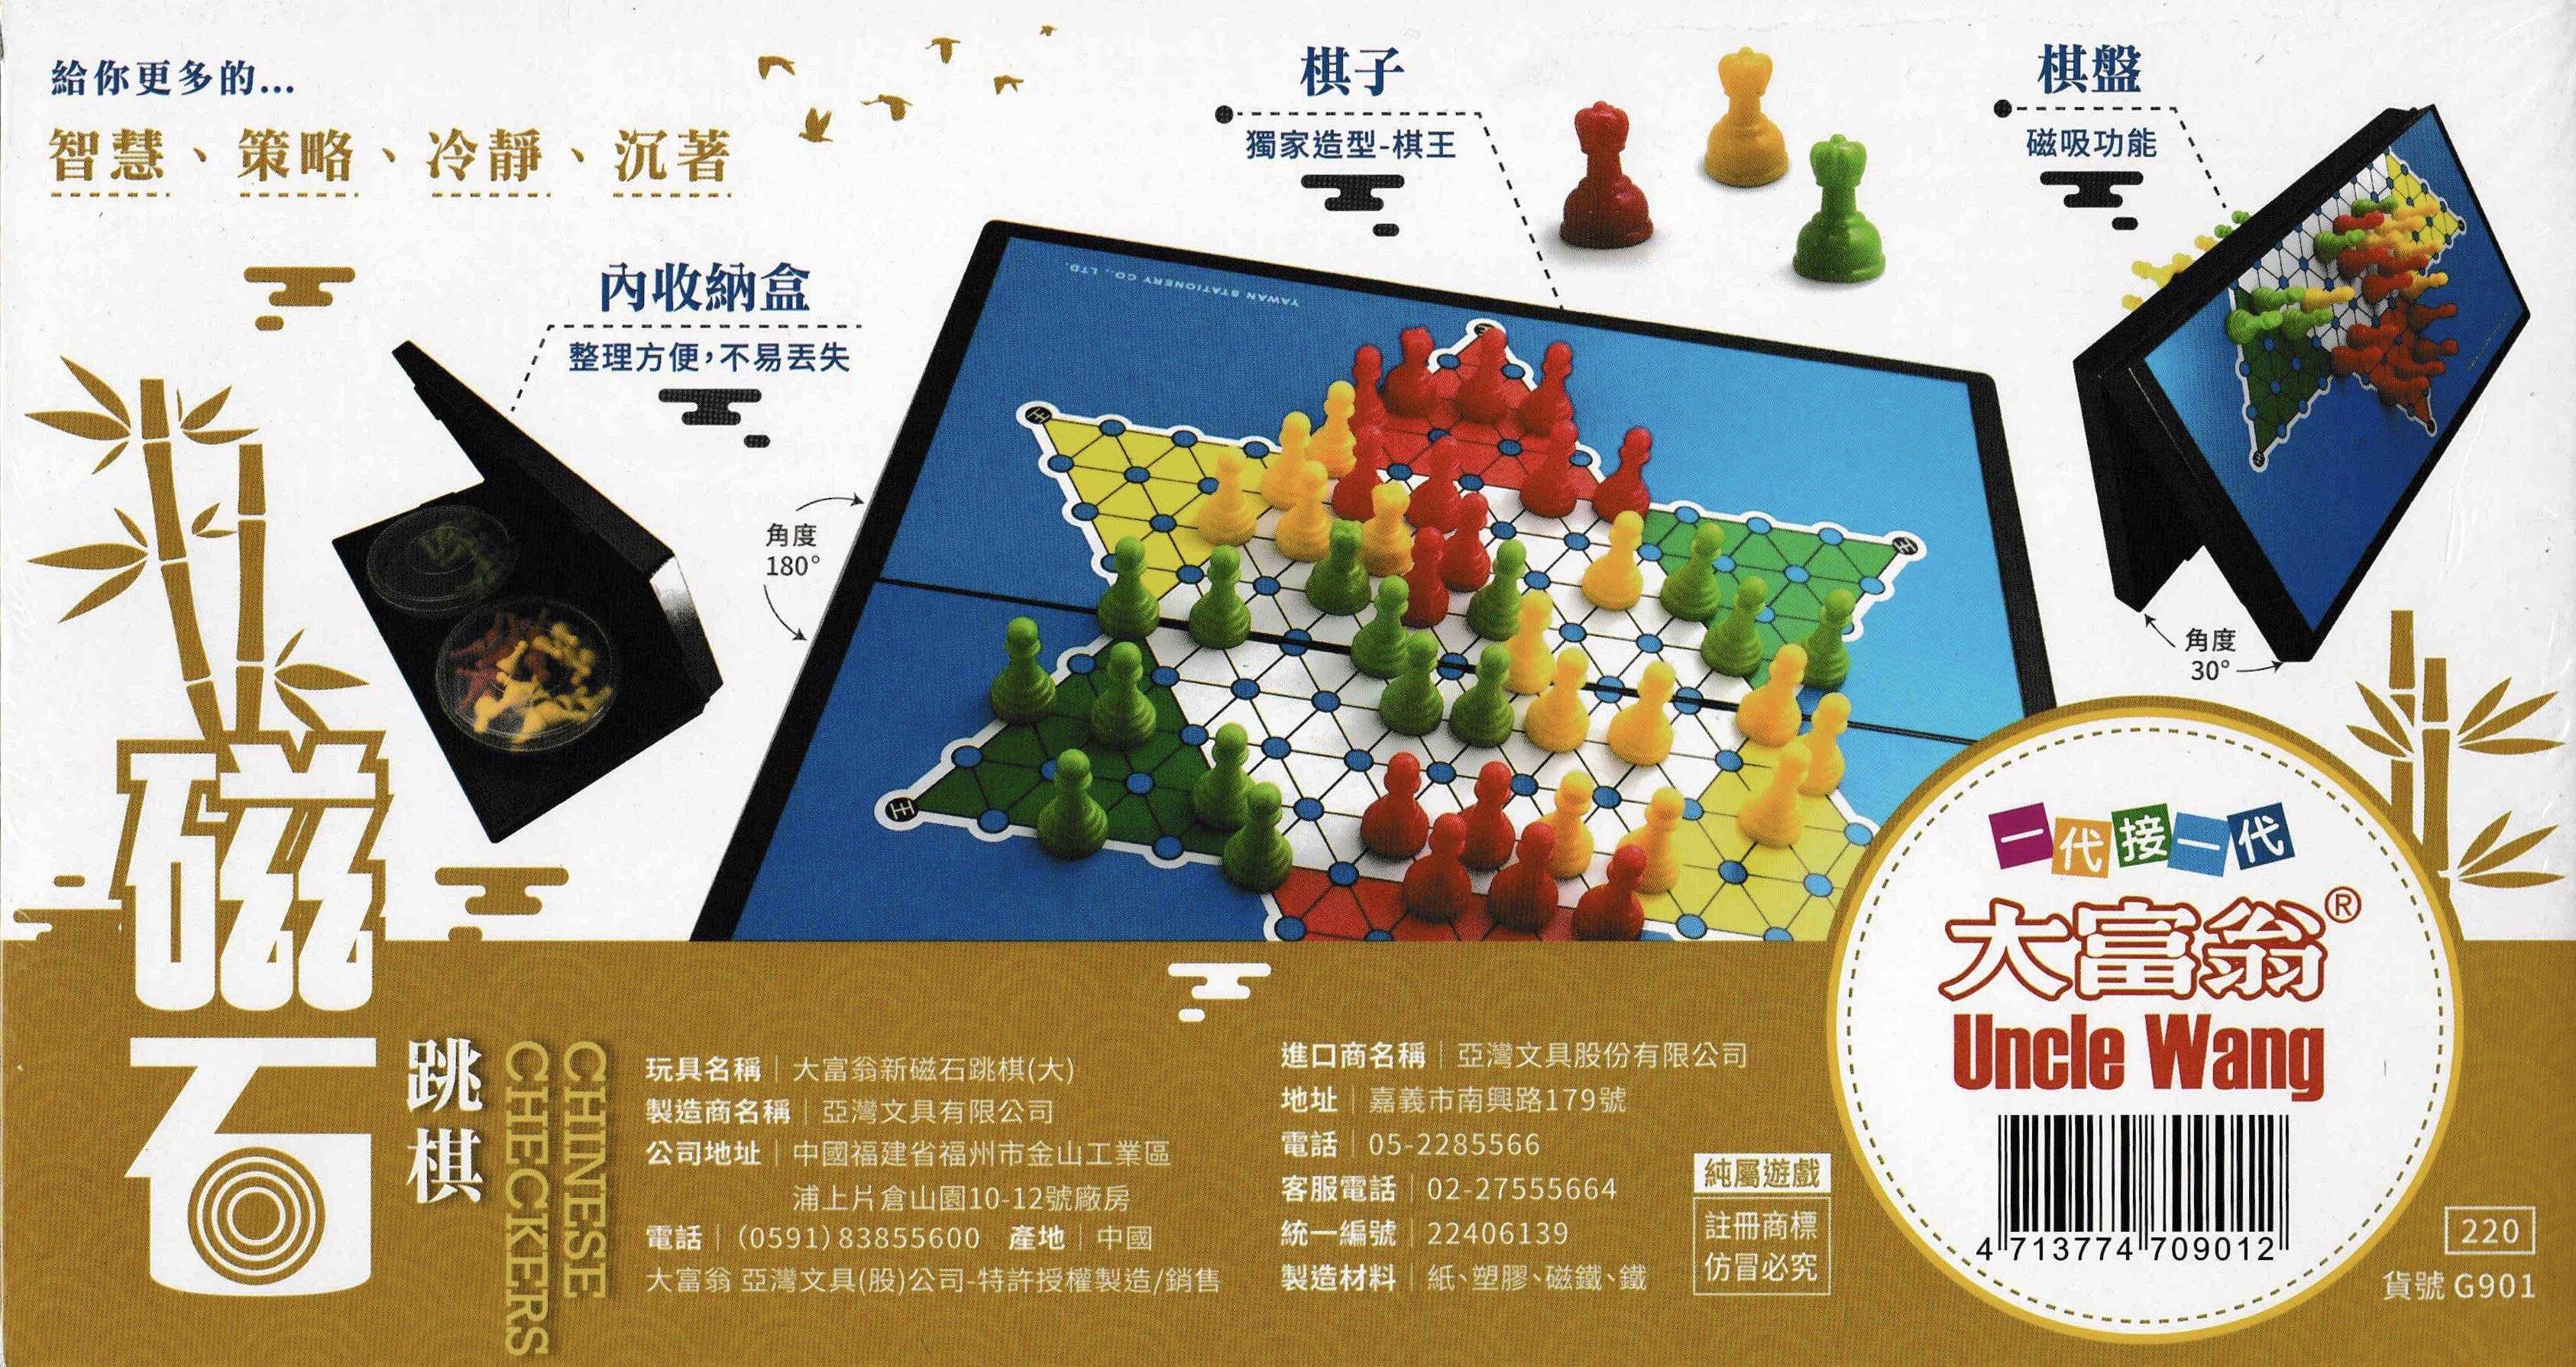 大富翁 -磁石跳棋(大) G901(原G601)